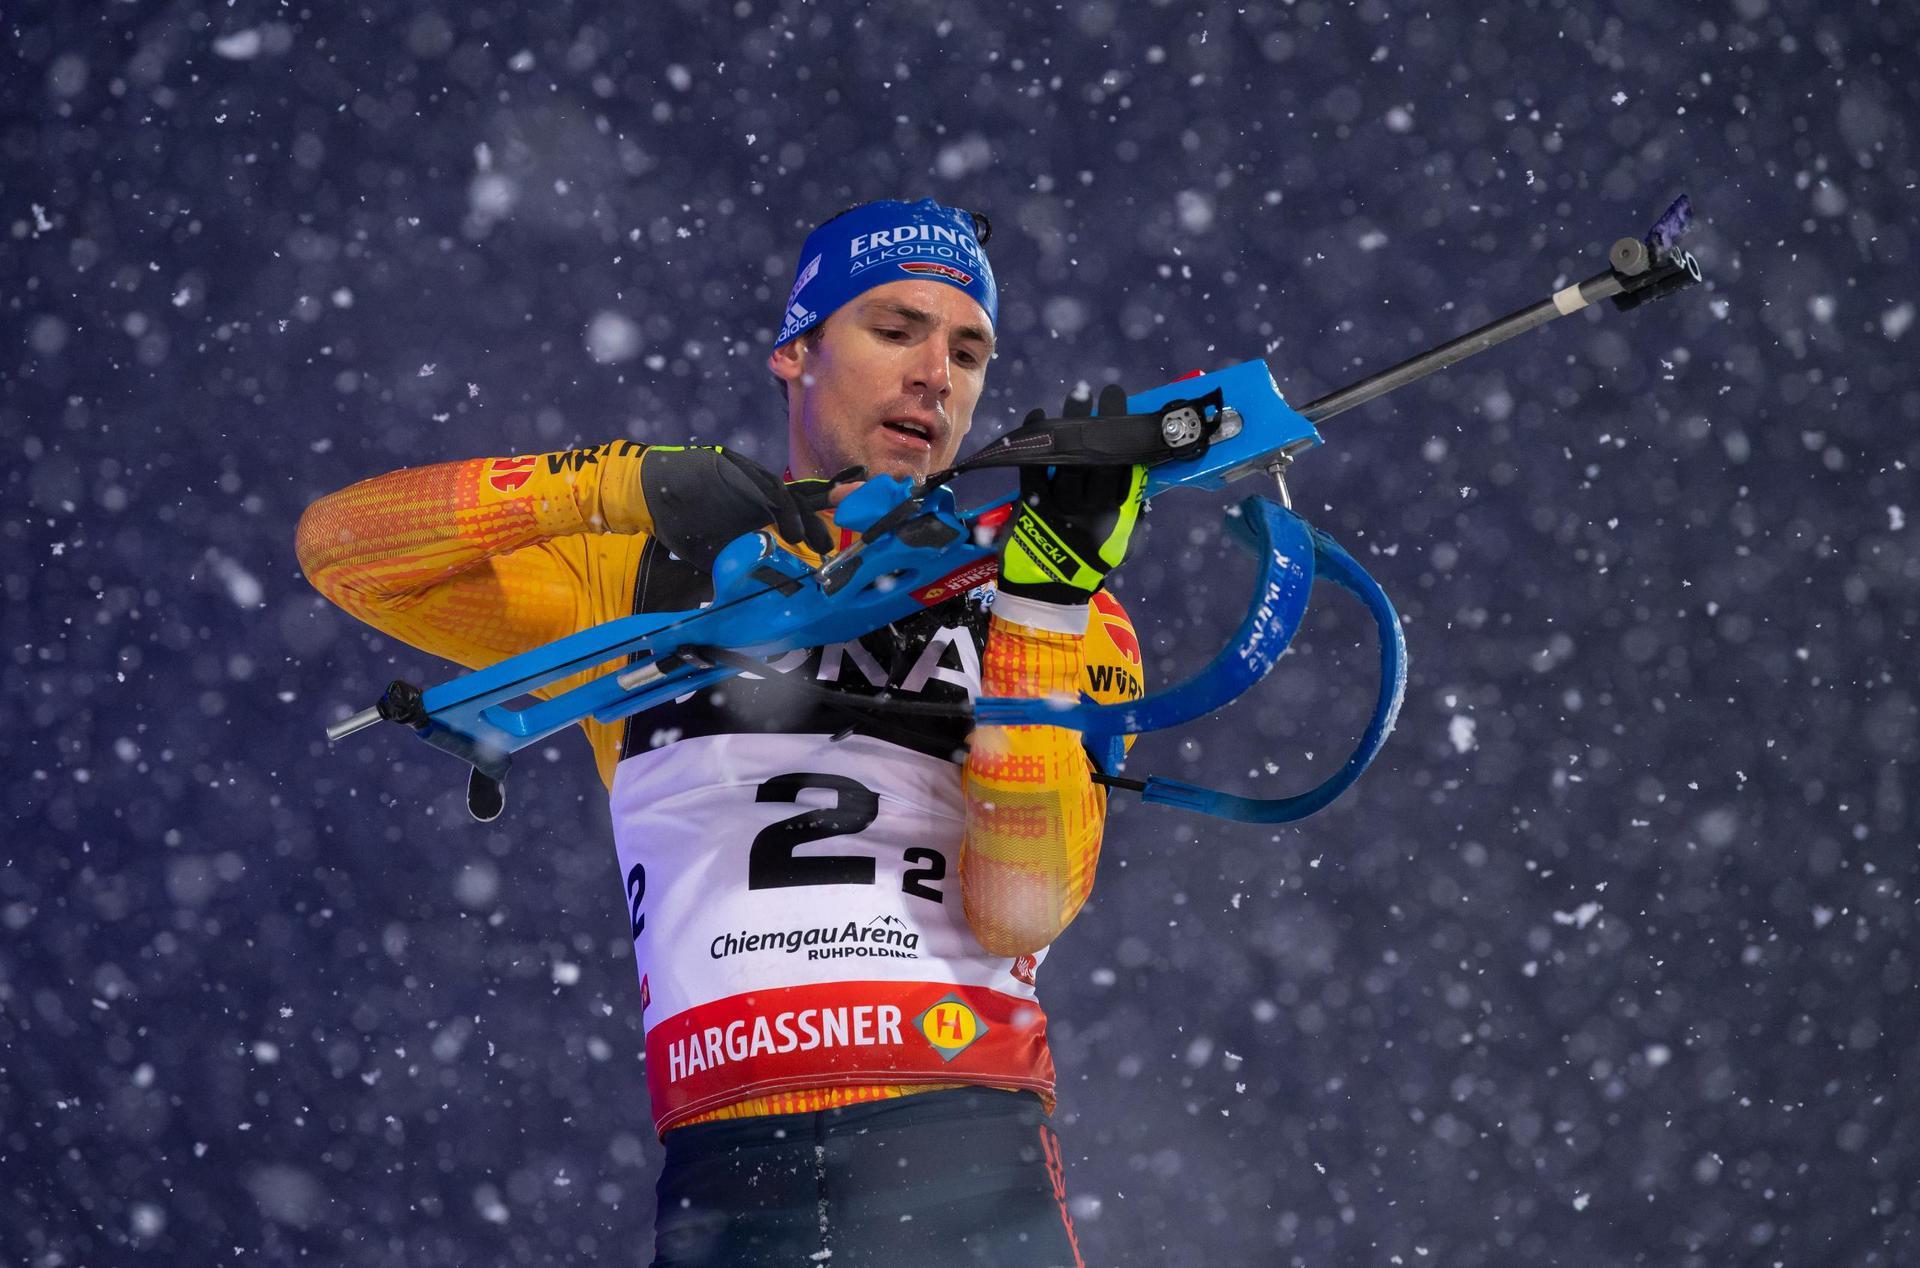 Leises Servus: Biathlon-Star Schempp hört auf Körper streikt